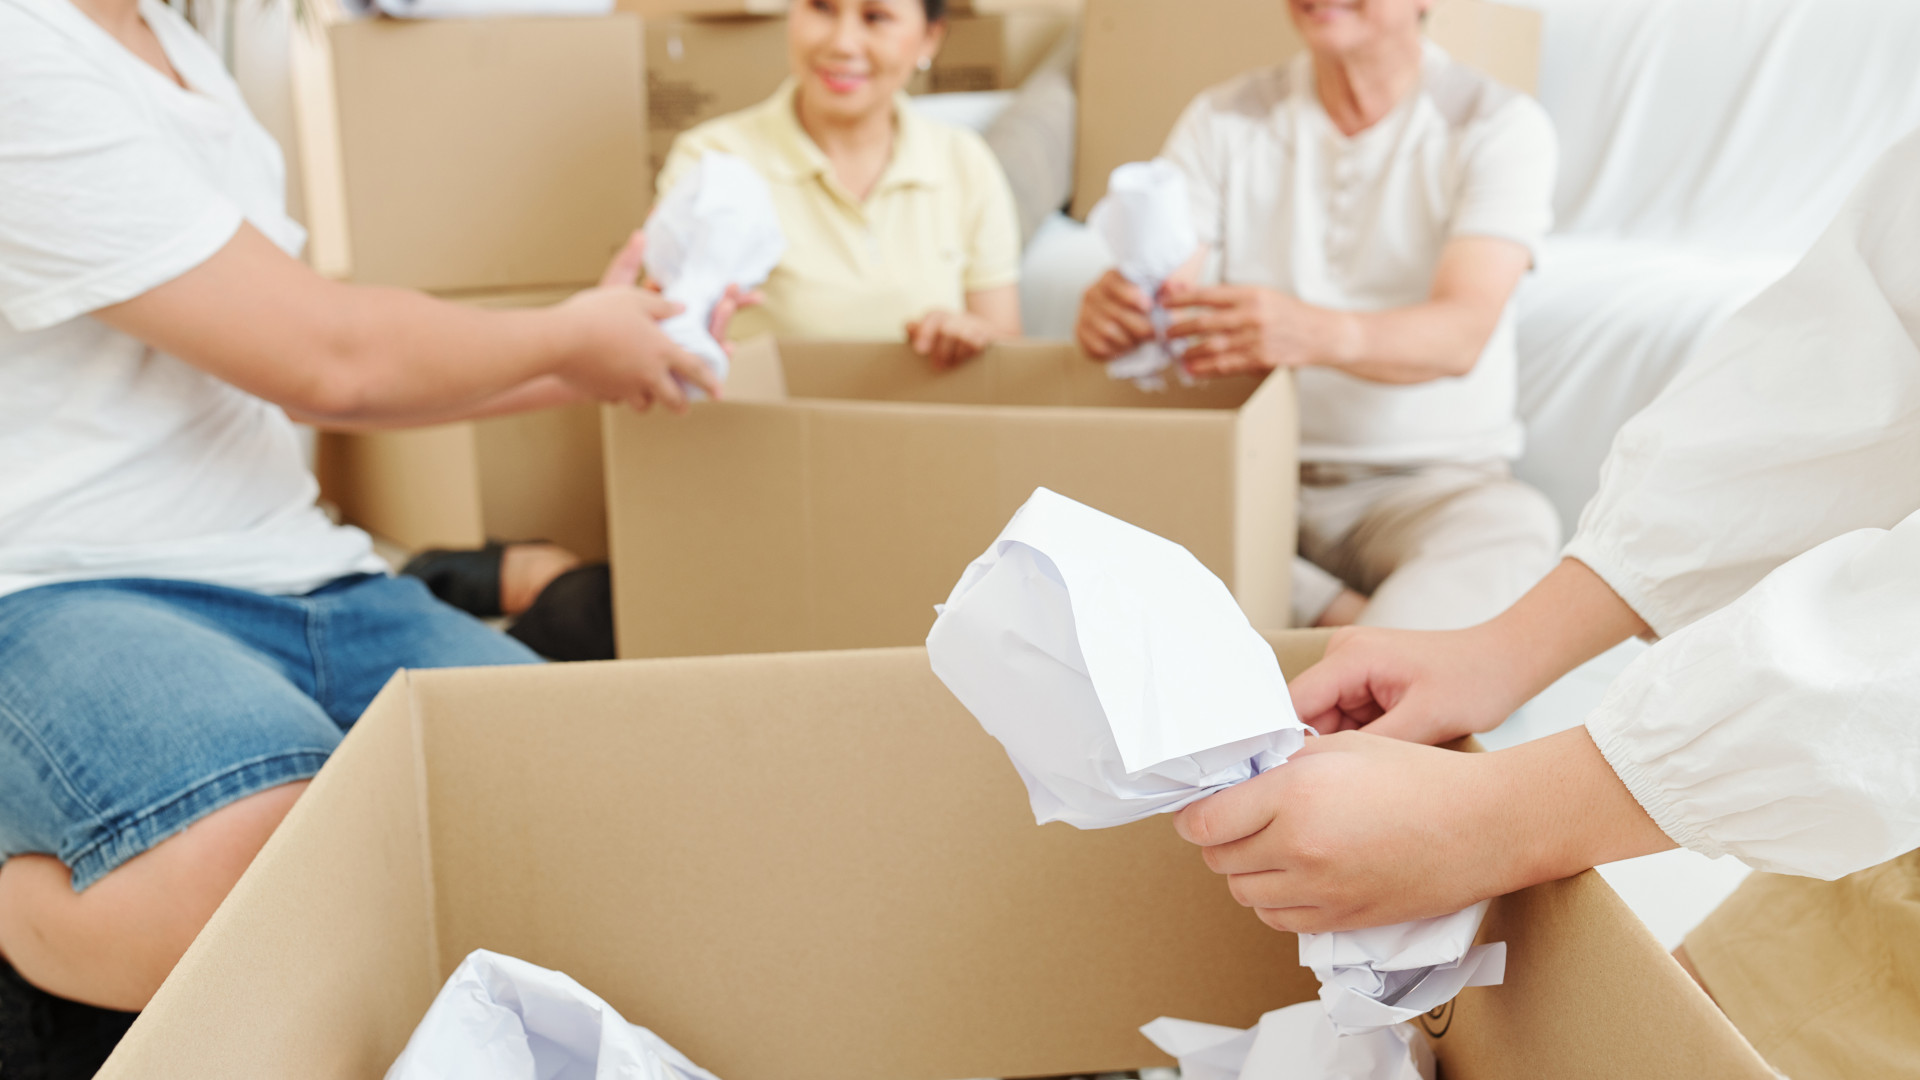 Paczka Zagraniczna Ze Szklana Zawartoscia Zasady Pakowania Paczki Ryzyko Nadania Firma Kurierska Eurospedycja